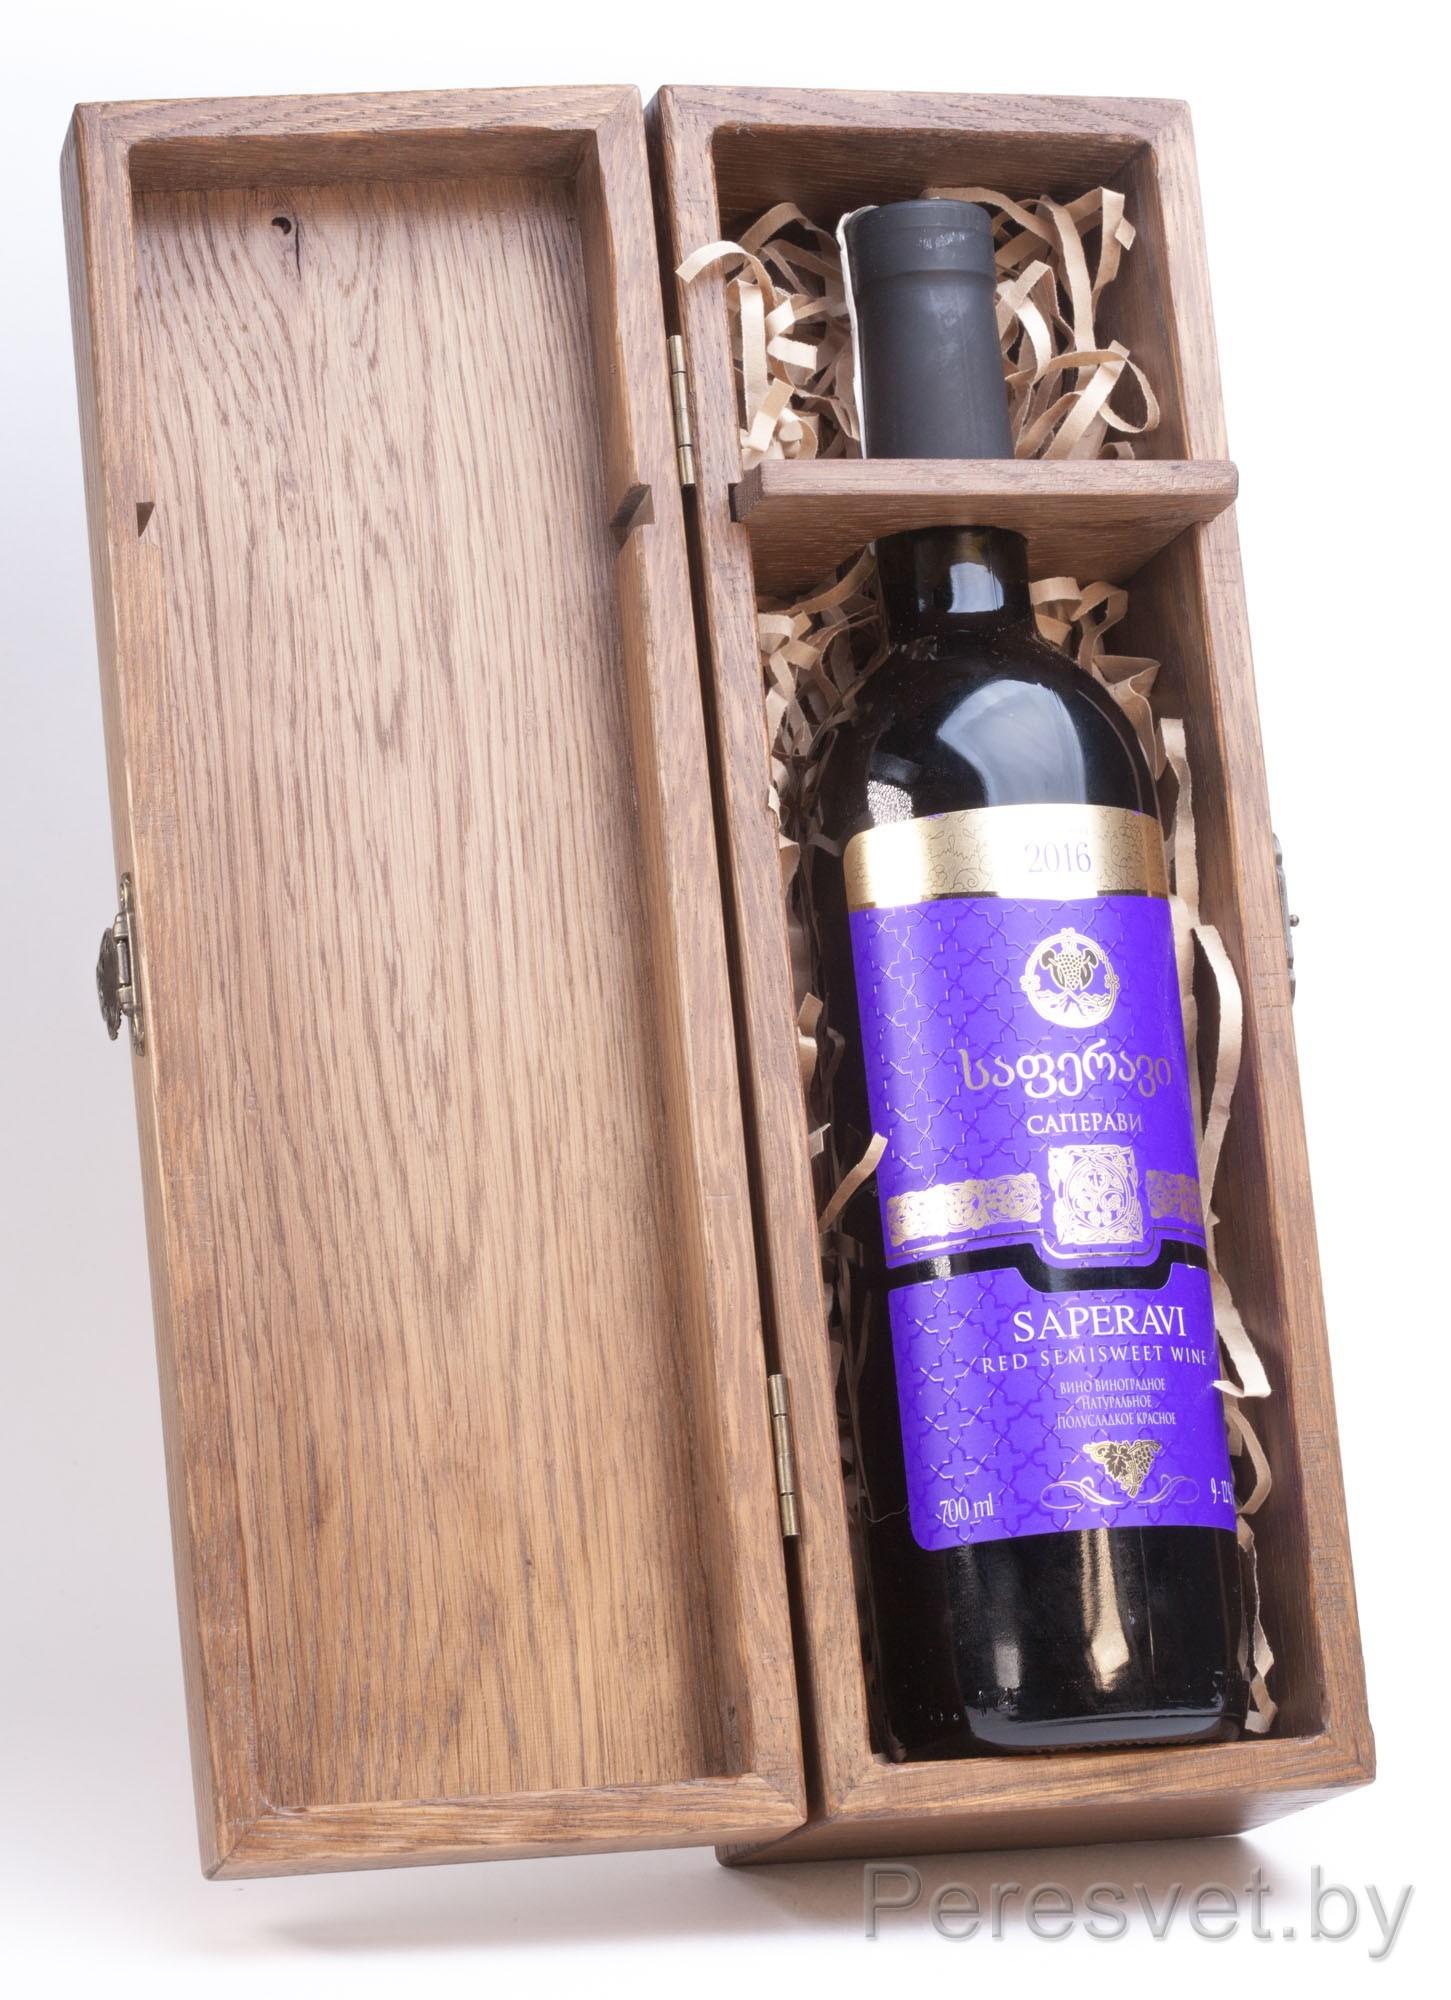 Упаковка подарочная для бутылки Wood box bottle массив дуба на peresvet.by